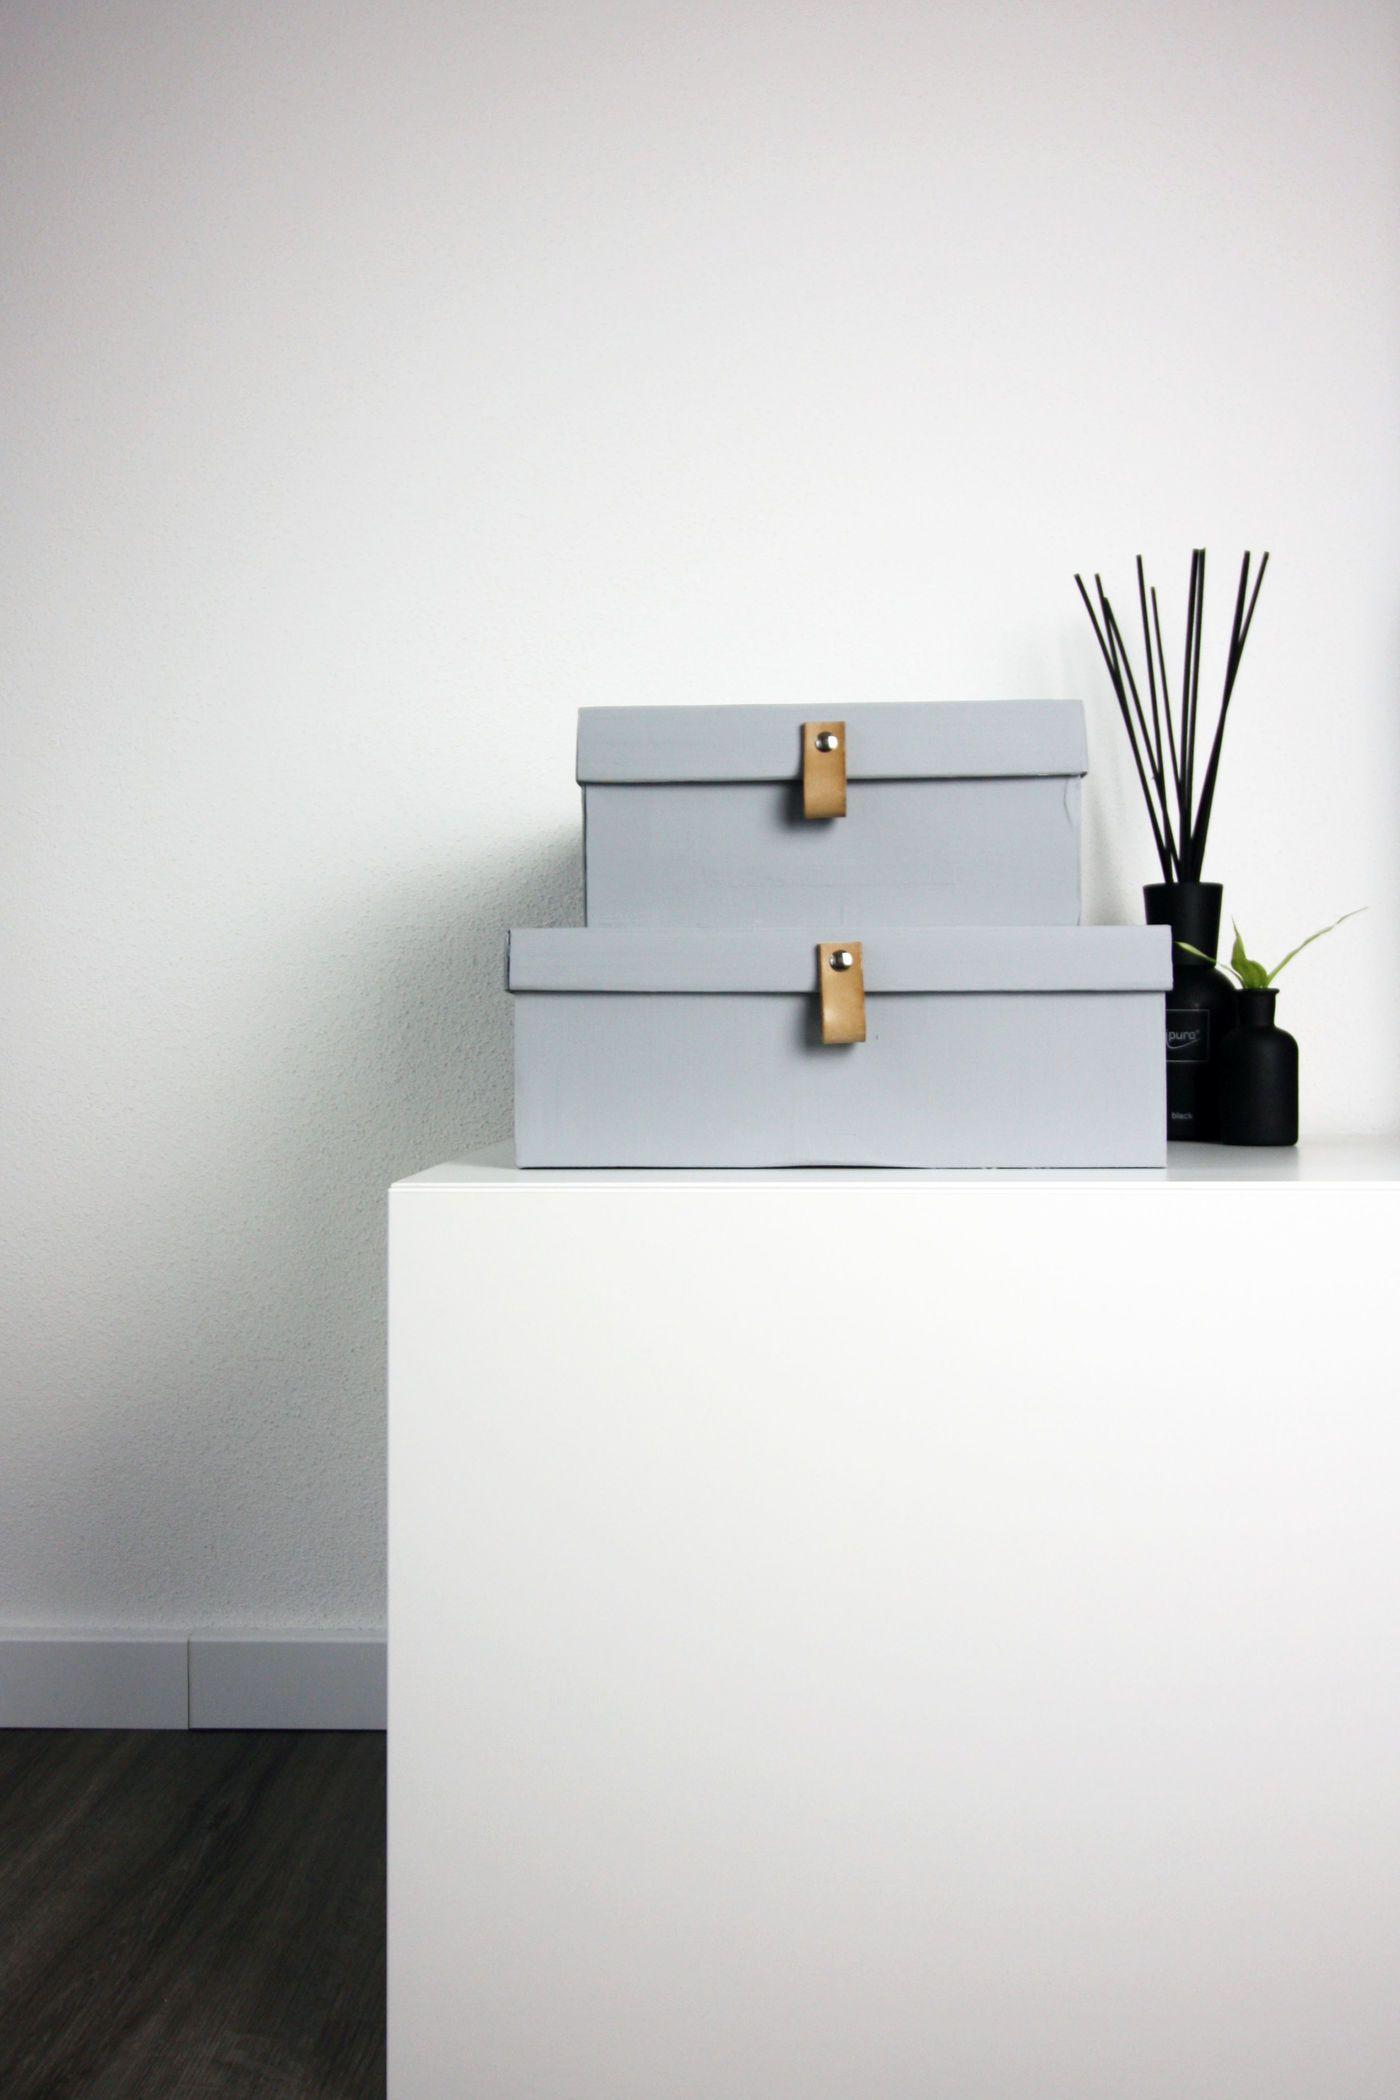 Ungewöhnlich Küchenecke Set Mit Speicher Fotos - Küchenschrank Ideen ...